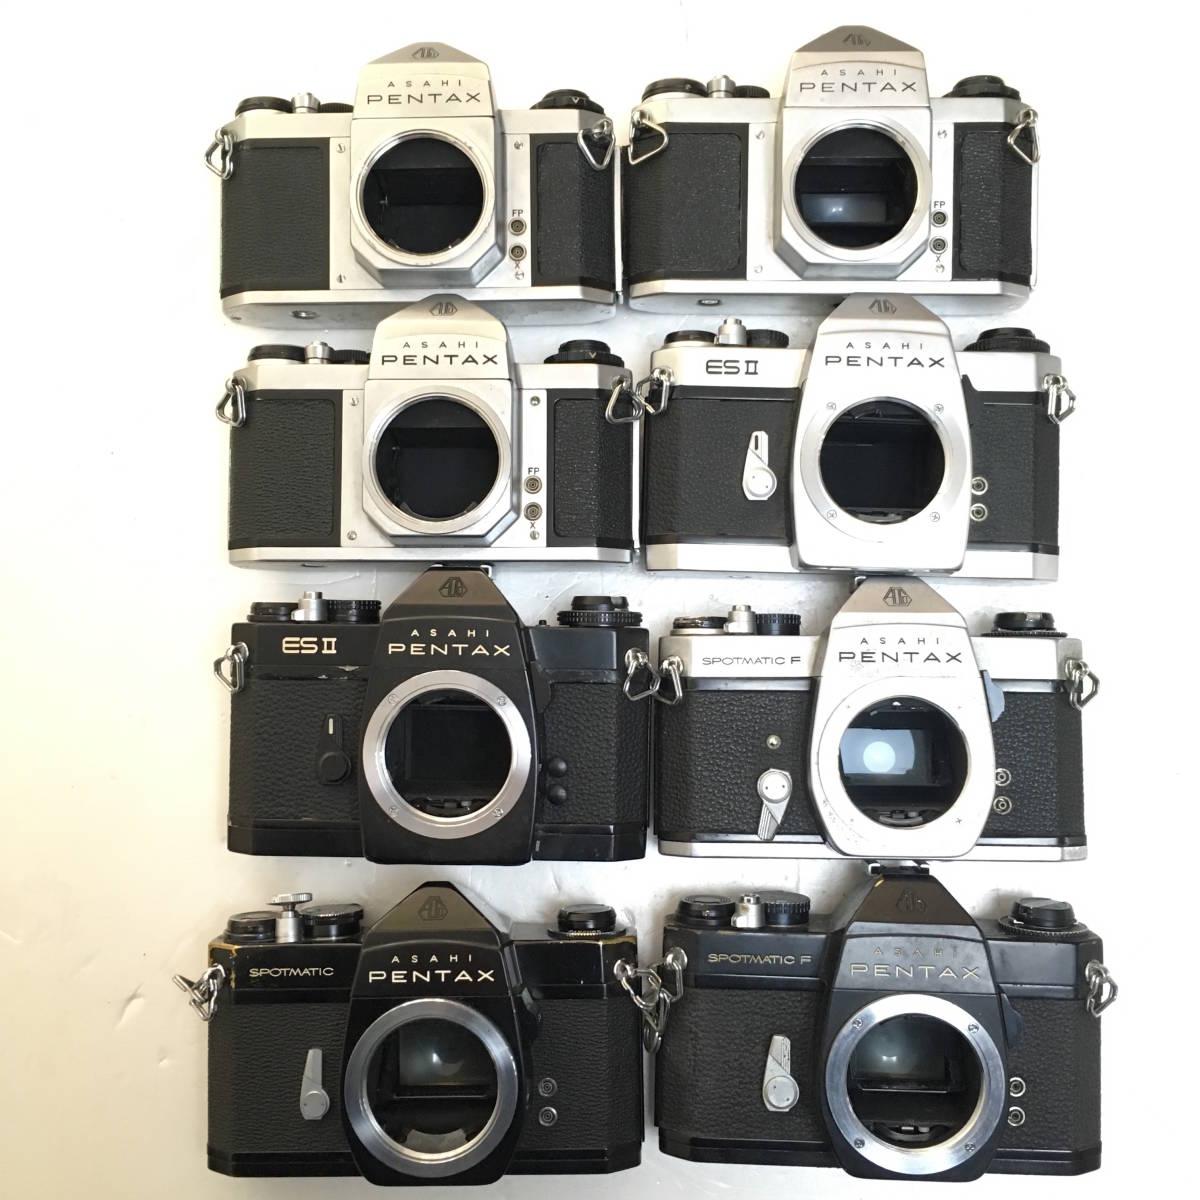 大好評! M42マウントカメラ 豪華24台セット 全てPENTAXです。 SP,SP2,SPF,SV,ES2等沢山_画像6